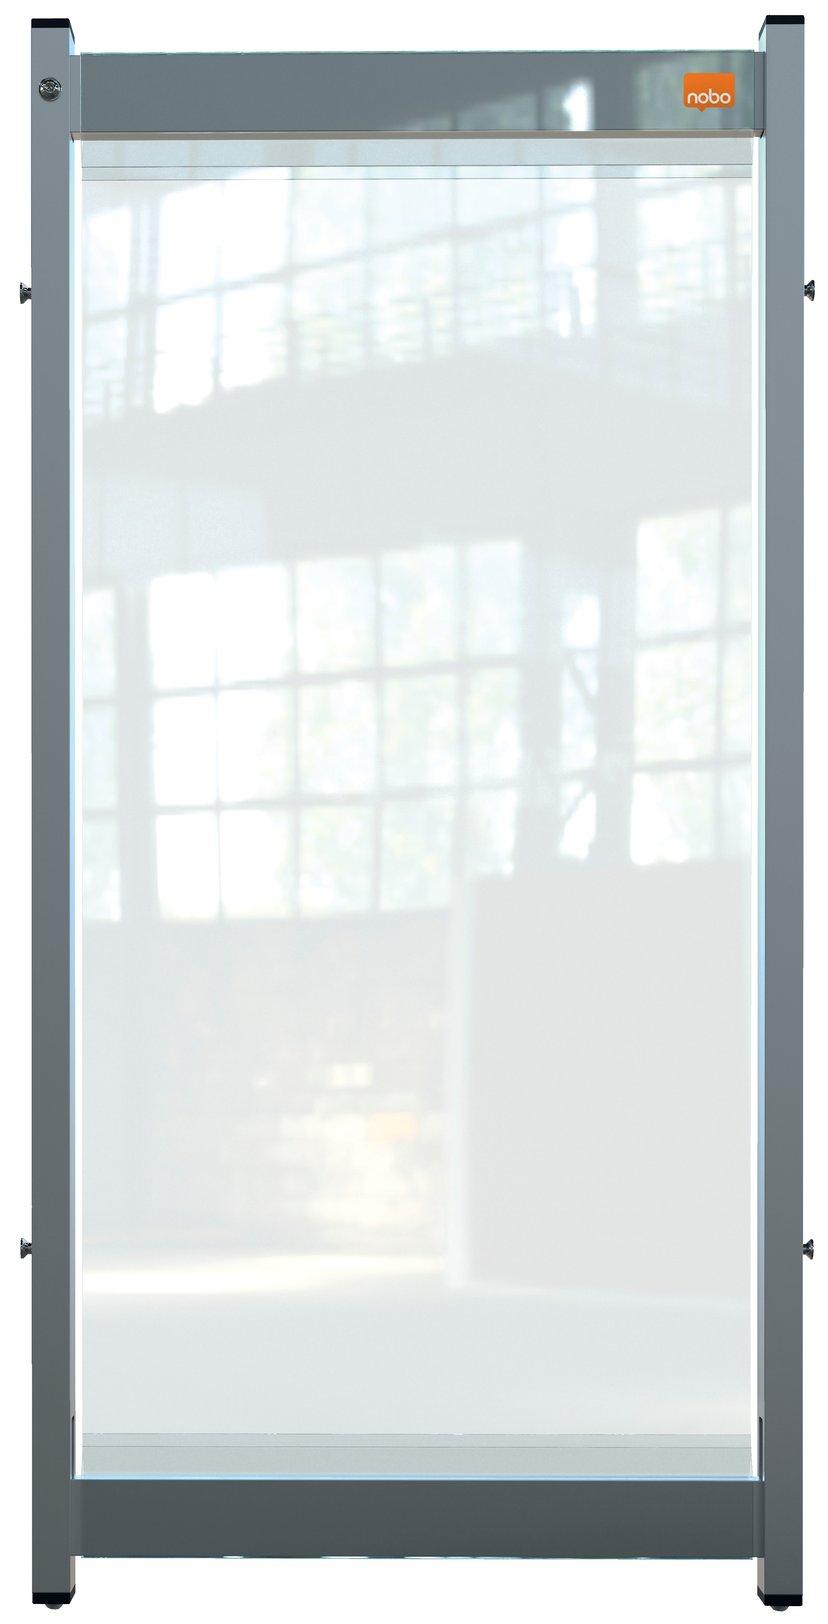 Nobo Skrivbordsavdelare PVC Film Small 40x82cm